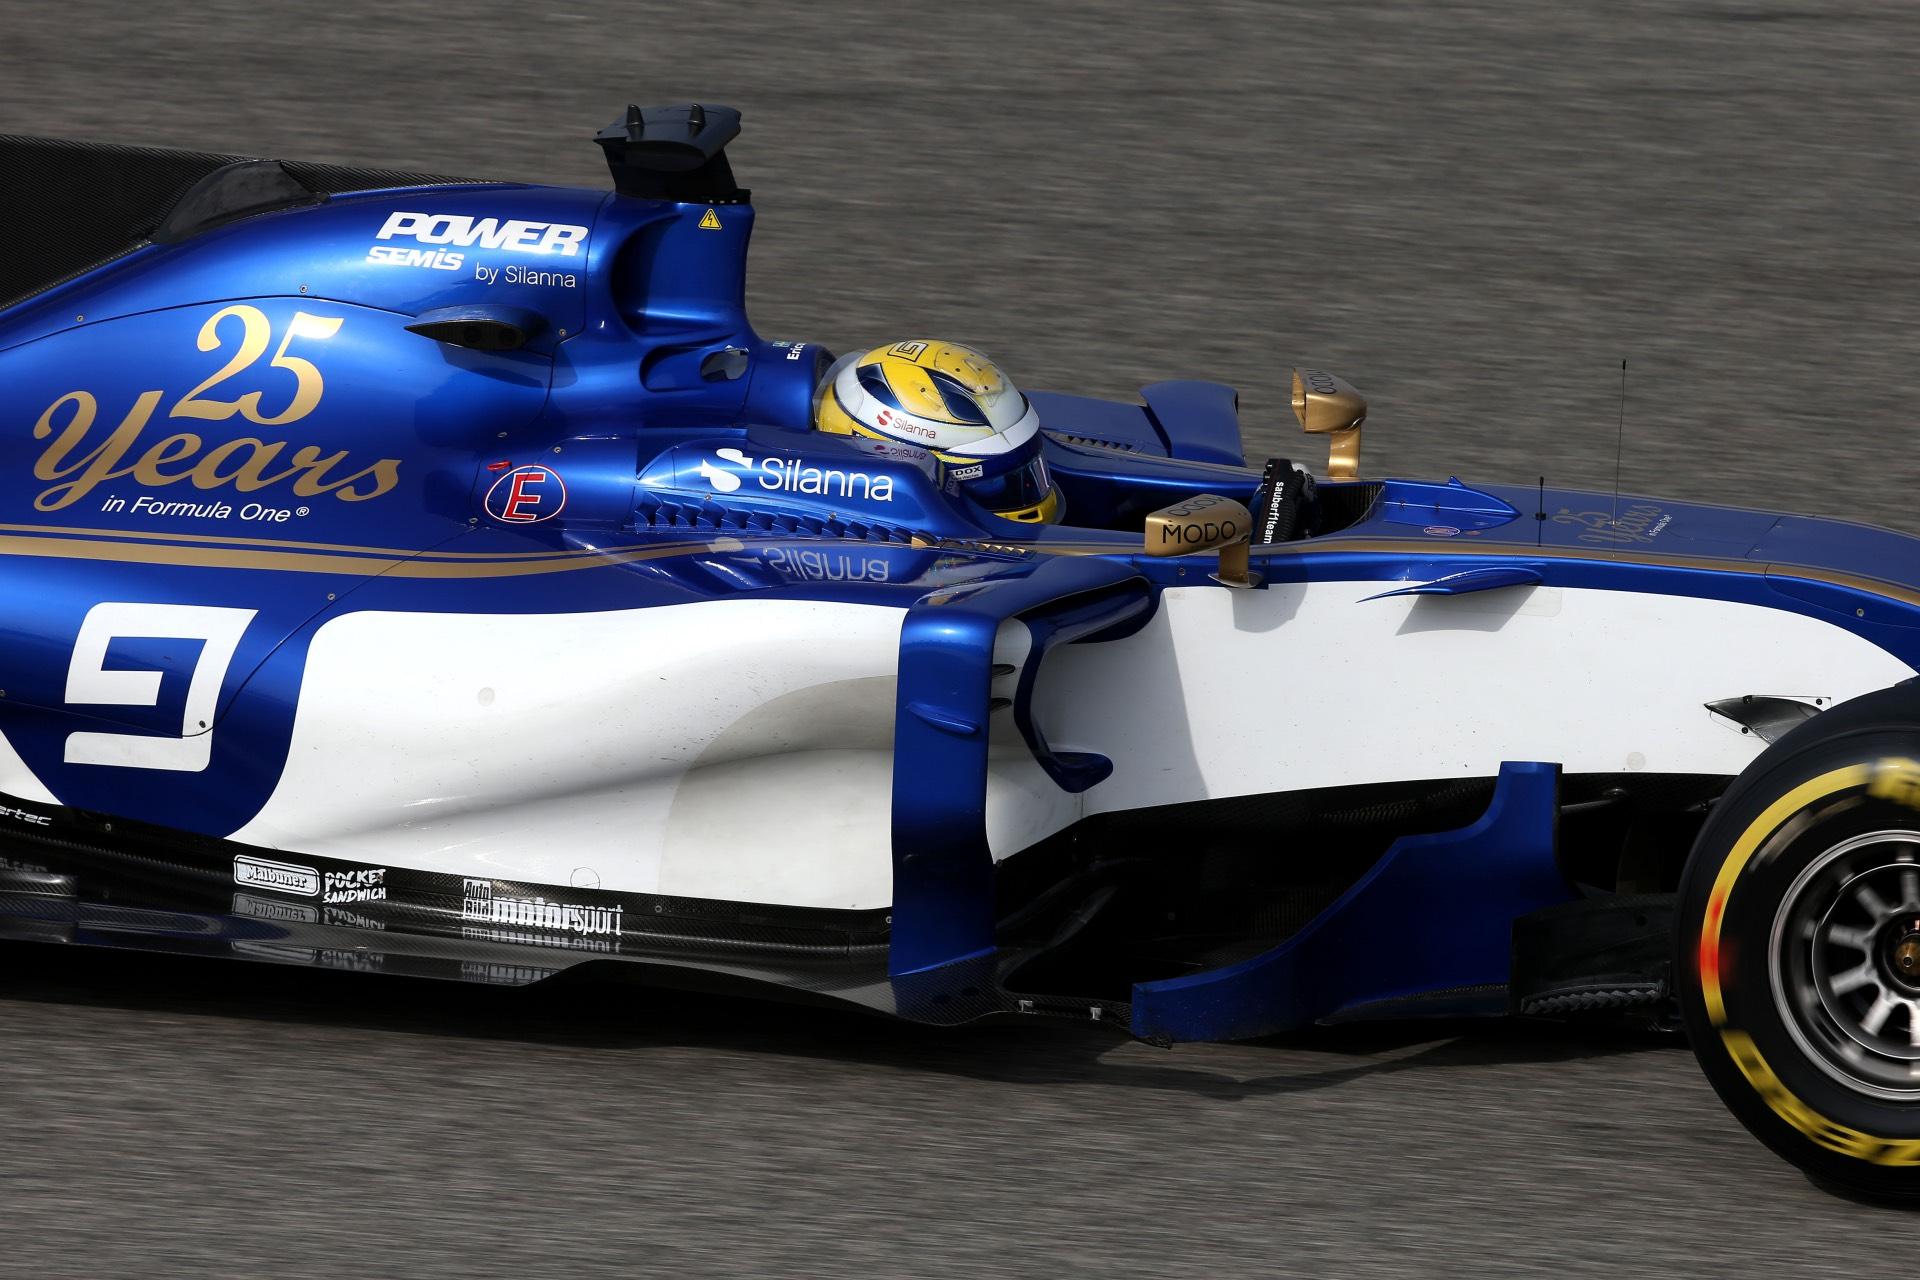 Bahrain GP Saturday 15/04/17